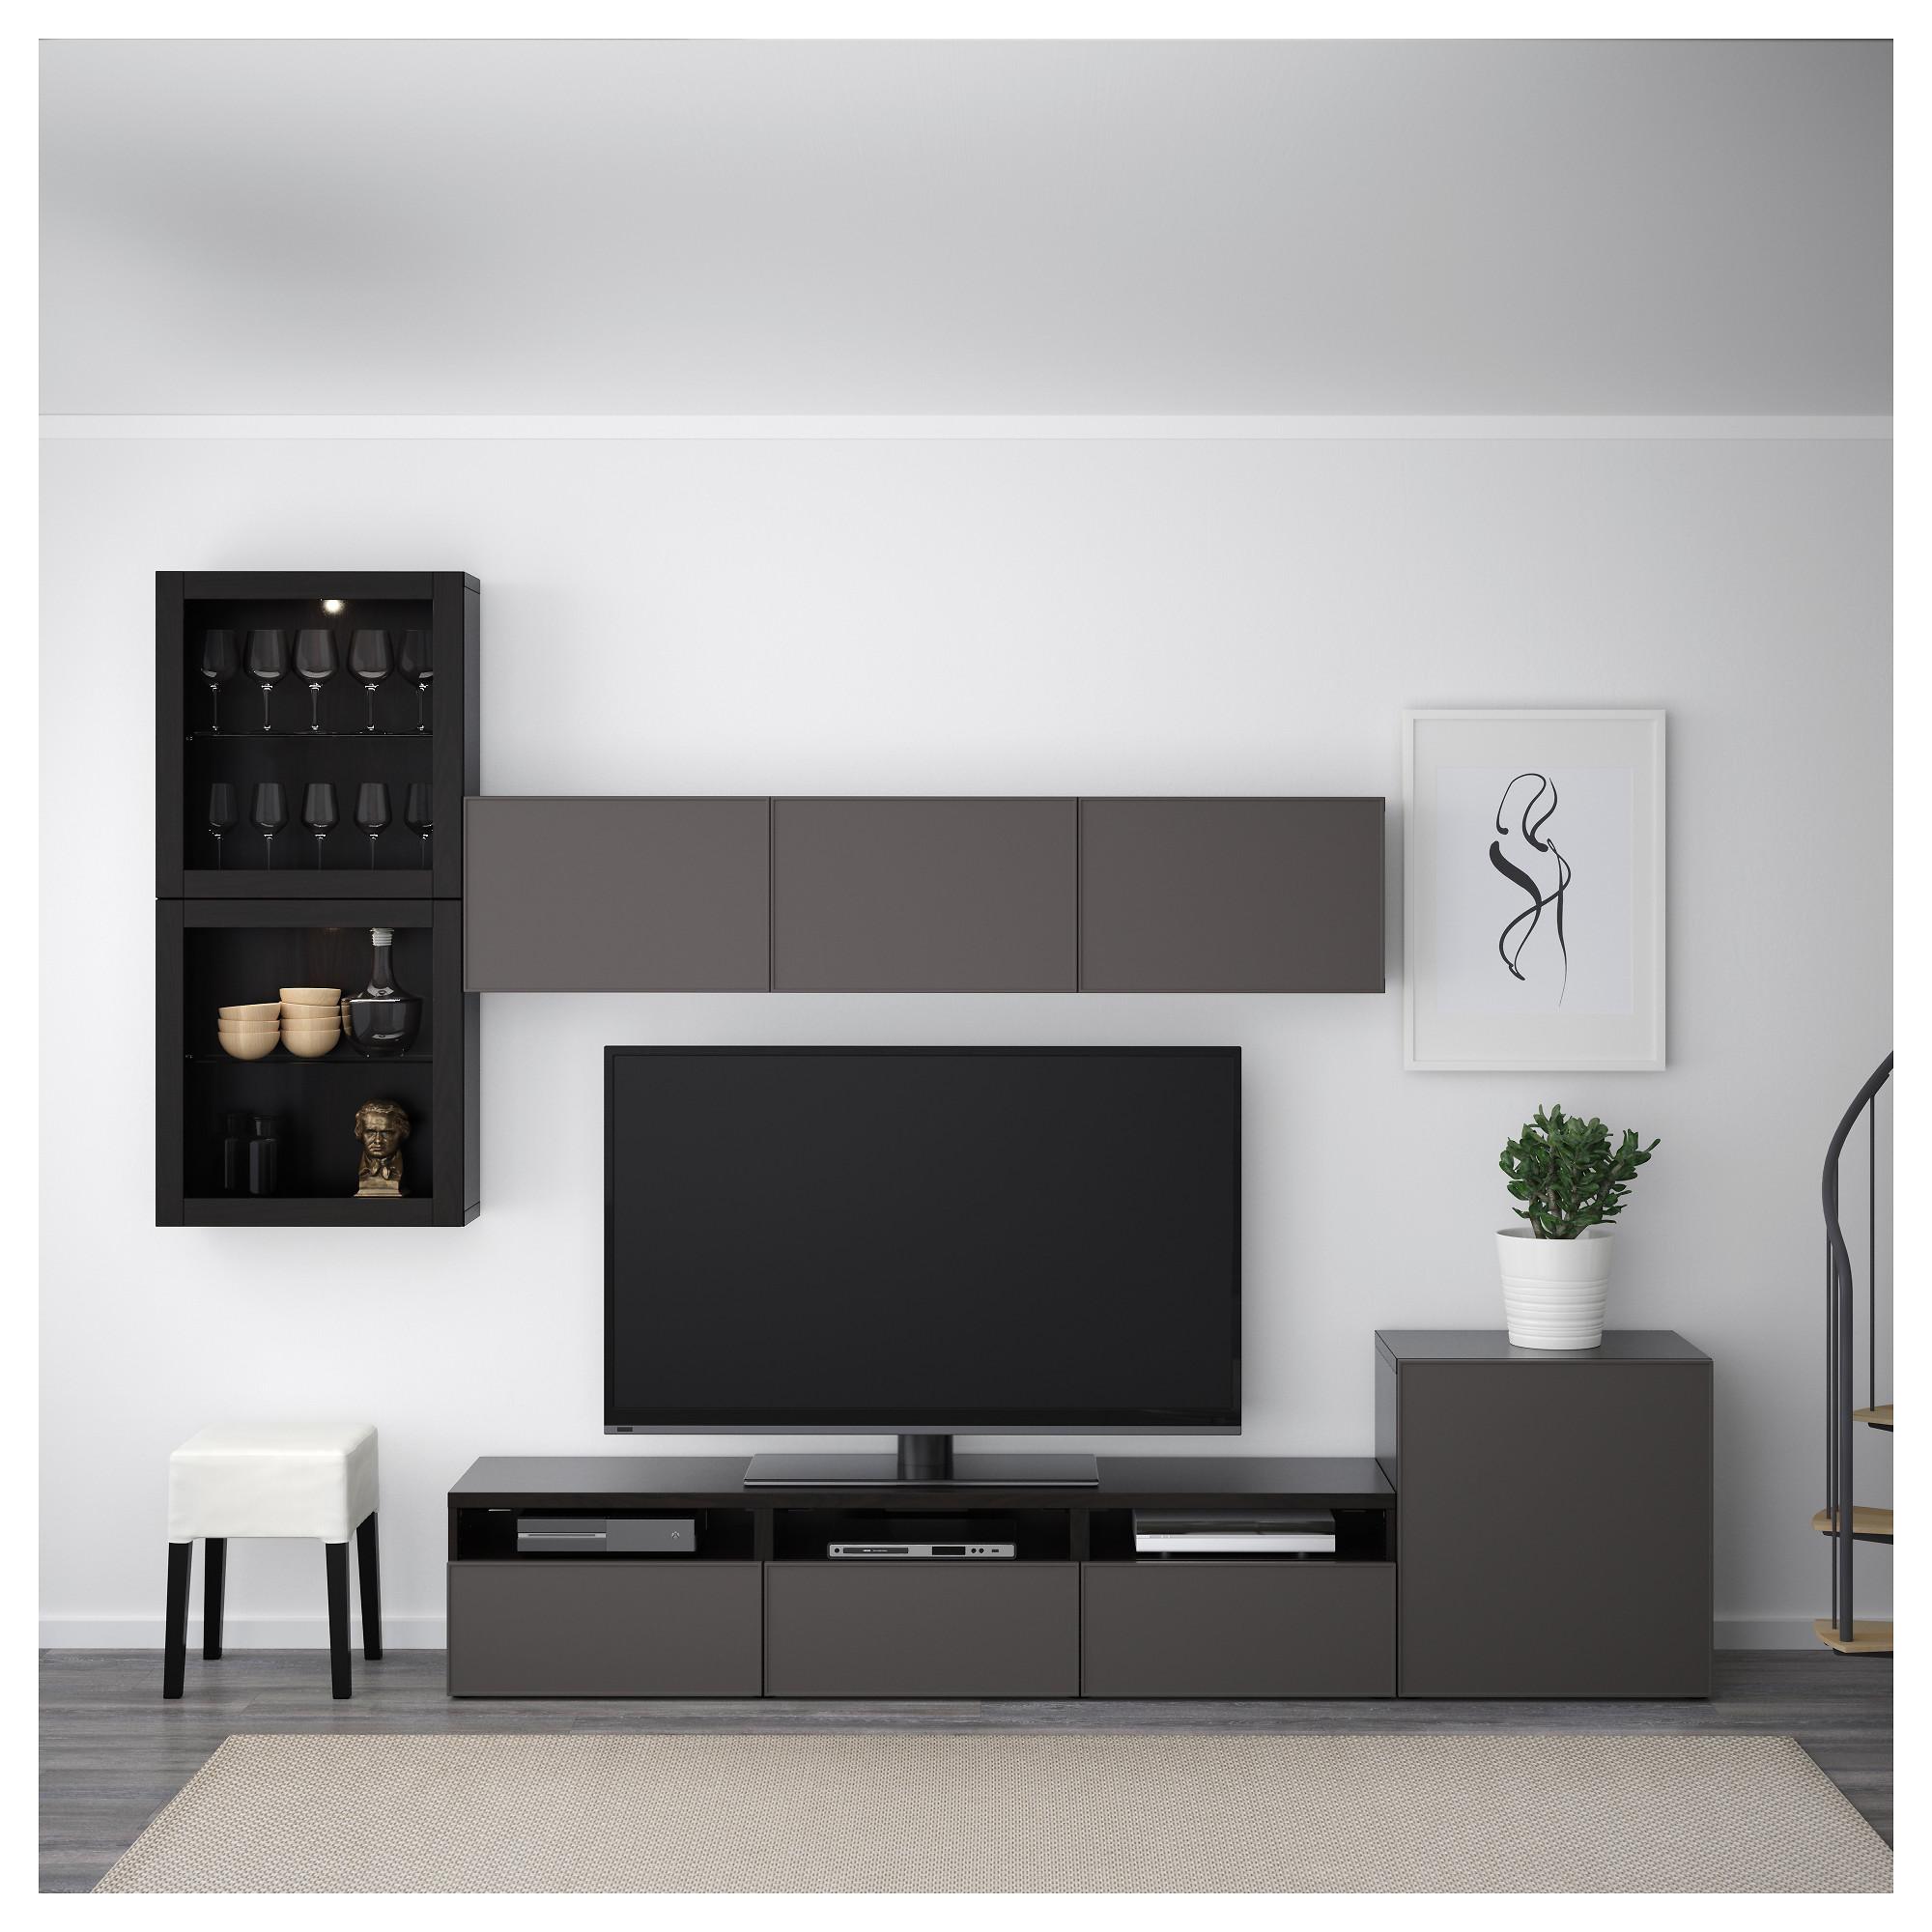 Шкаф для ТВ, комбинированный, стекляные дверцы БЕСТО артикуль № 392.522.47 в наличии. Онлайн магазин ИКЕА РБ. Недорогая доставка и установка.